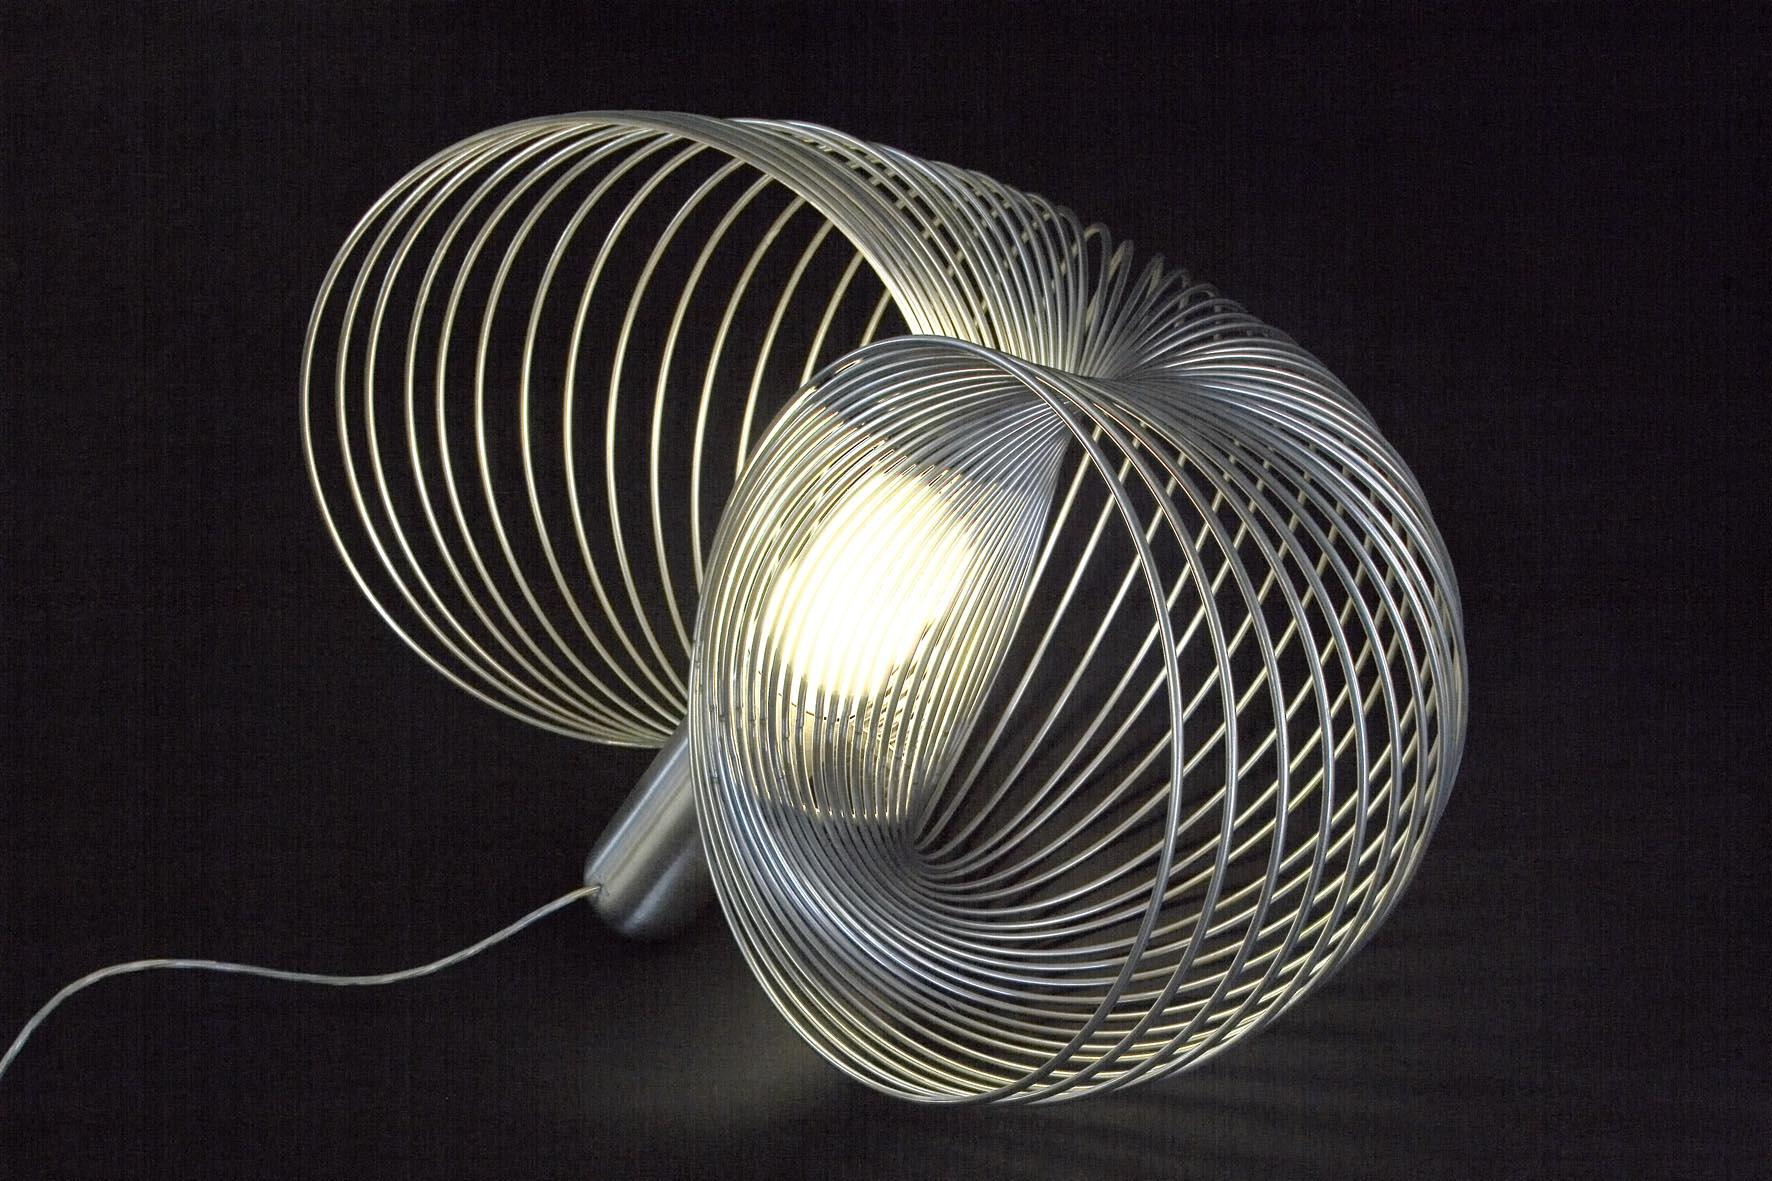 spiral light 2.jpg